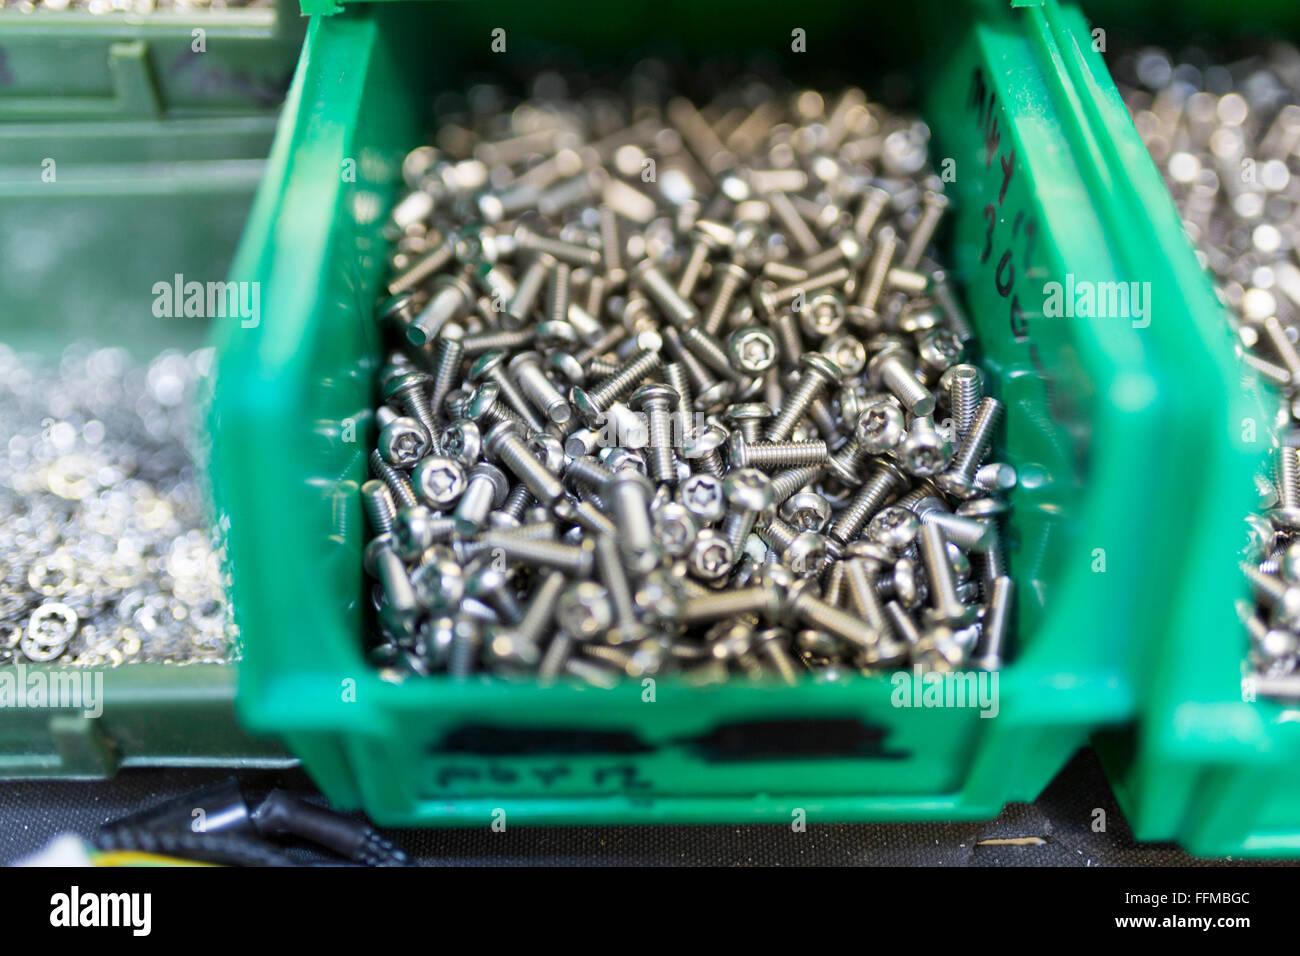 Schrauben in einer grünen Box in einer Elektronik-Fabrik Stockbild